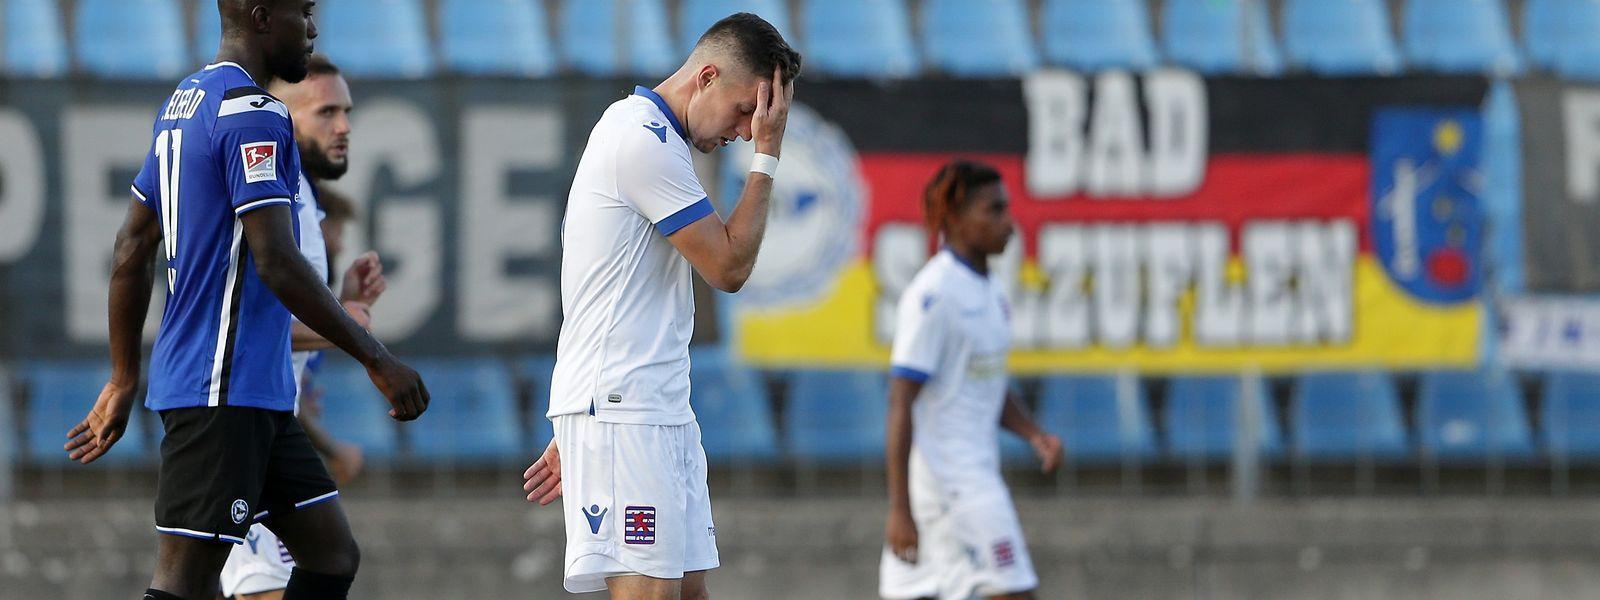 Le Luxembourg a sombré en première période contre Bielefeld suite à une cascade d'erreurs individuelles. De quoi donner un mal de crâne à Chris Philipps...